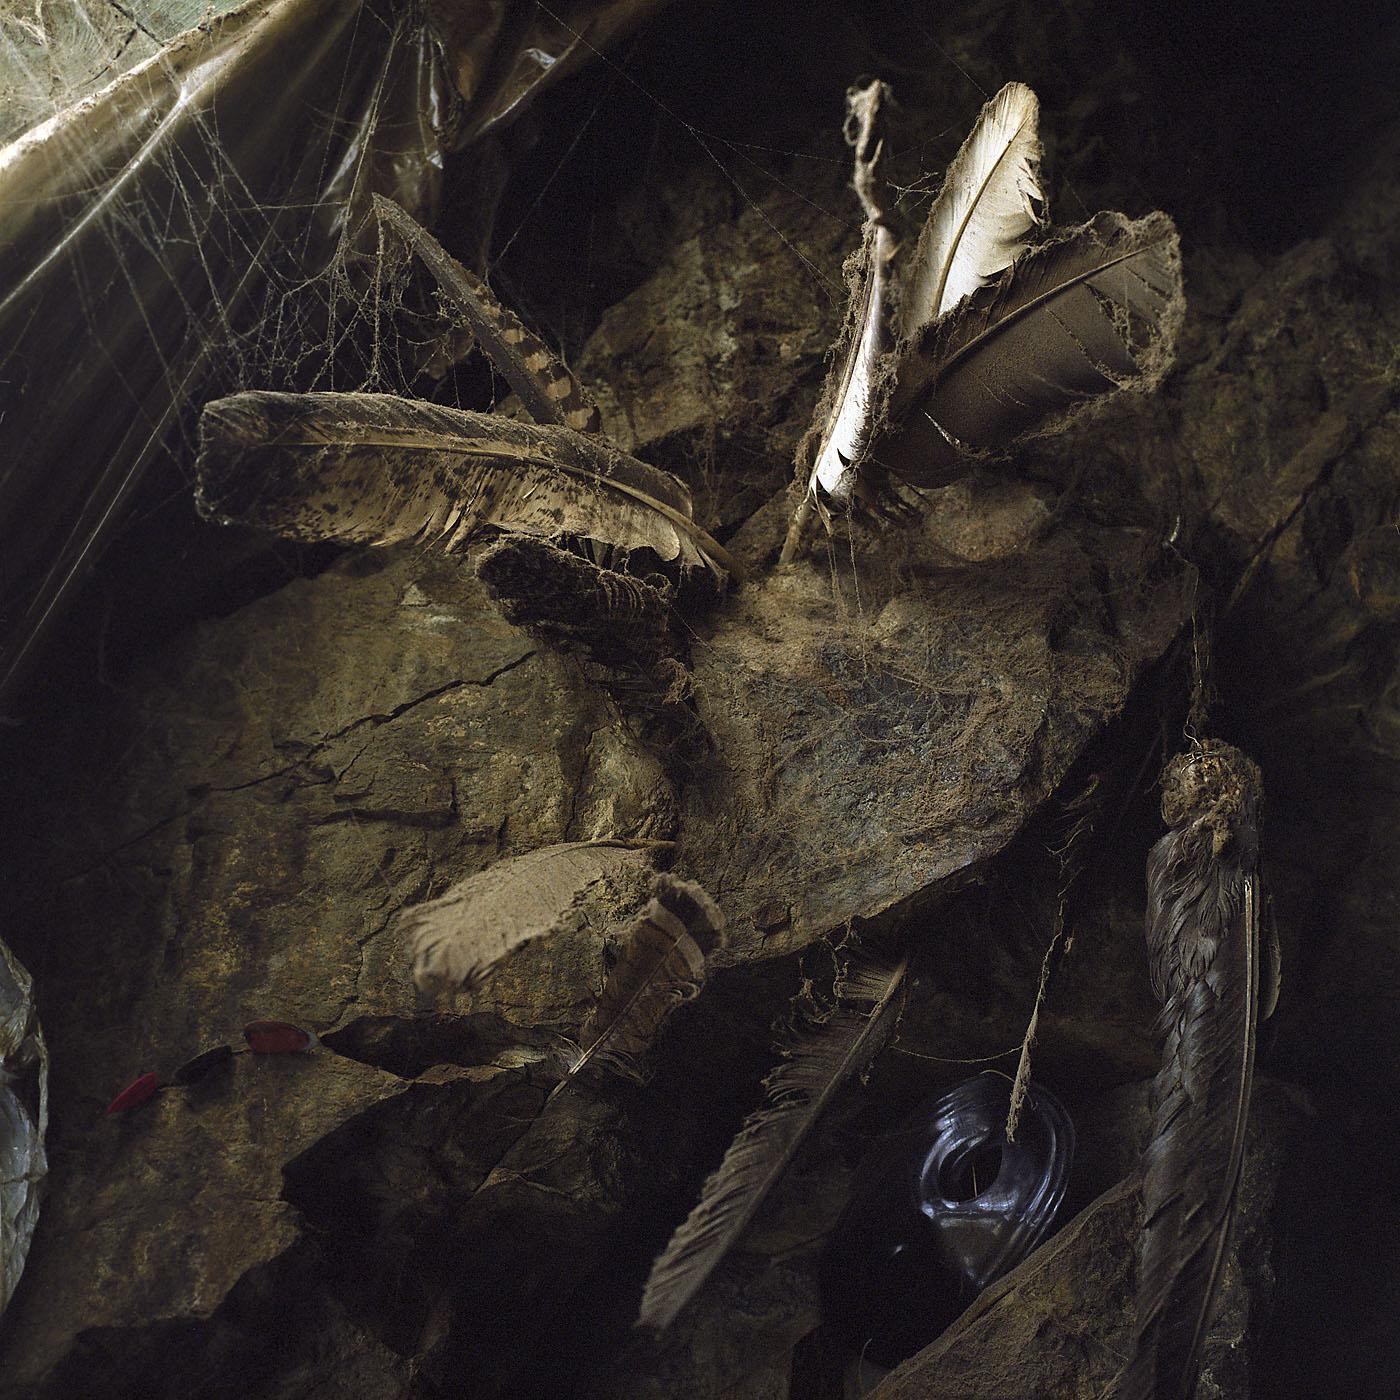 In the Cave_v01.jpg